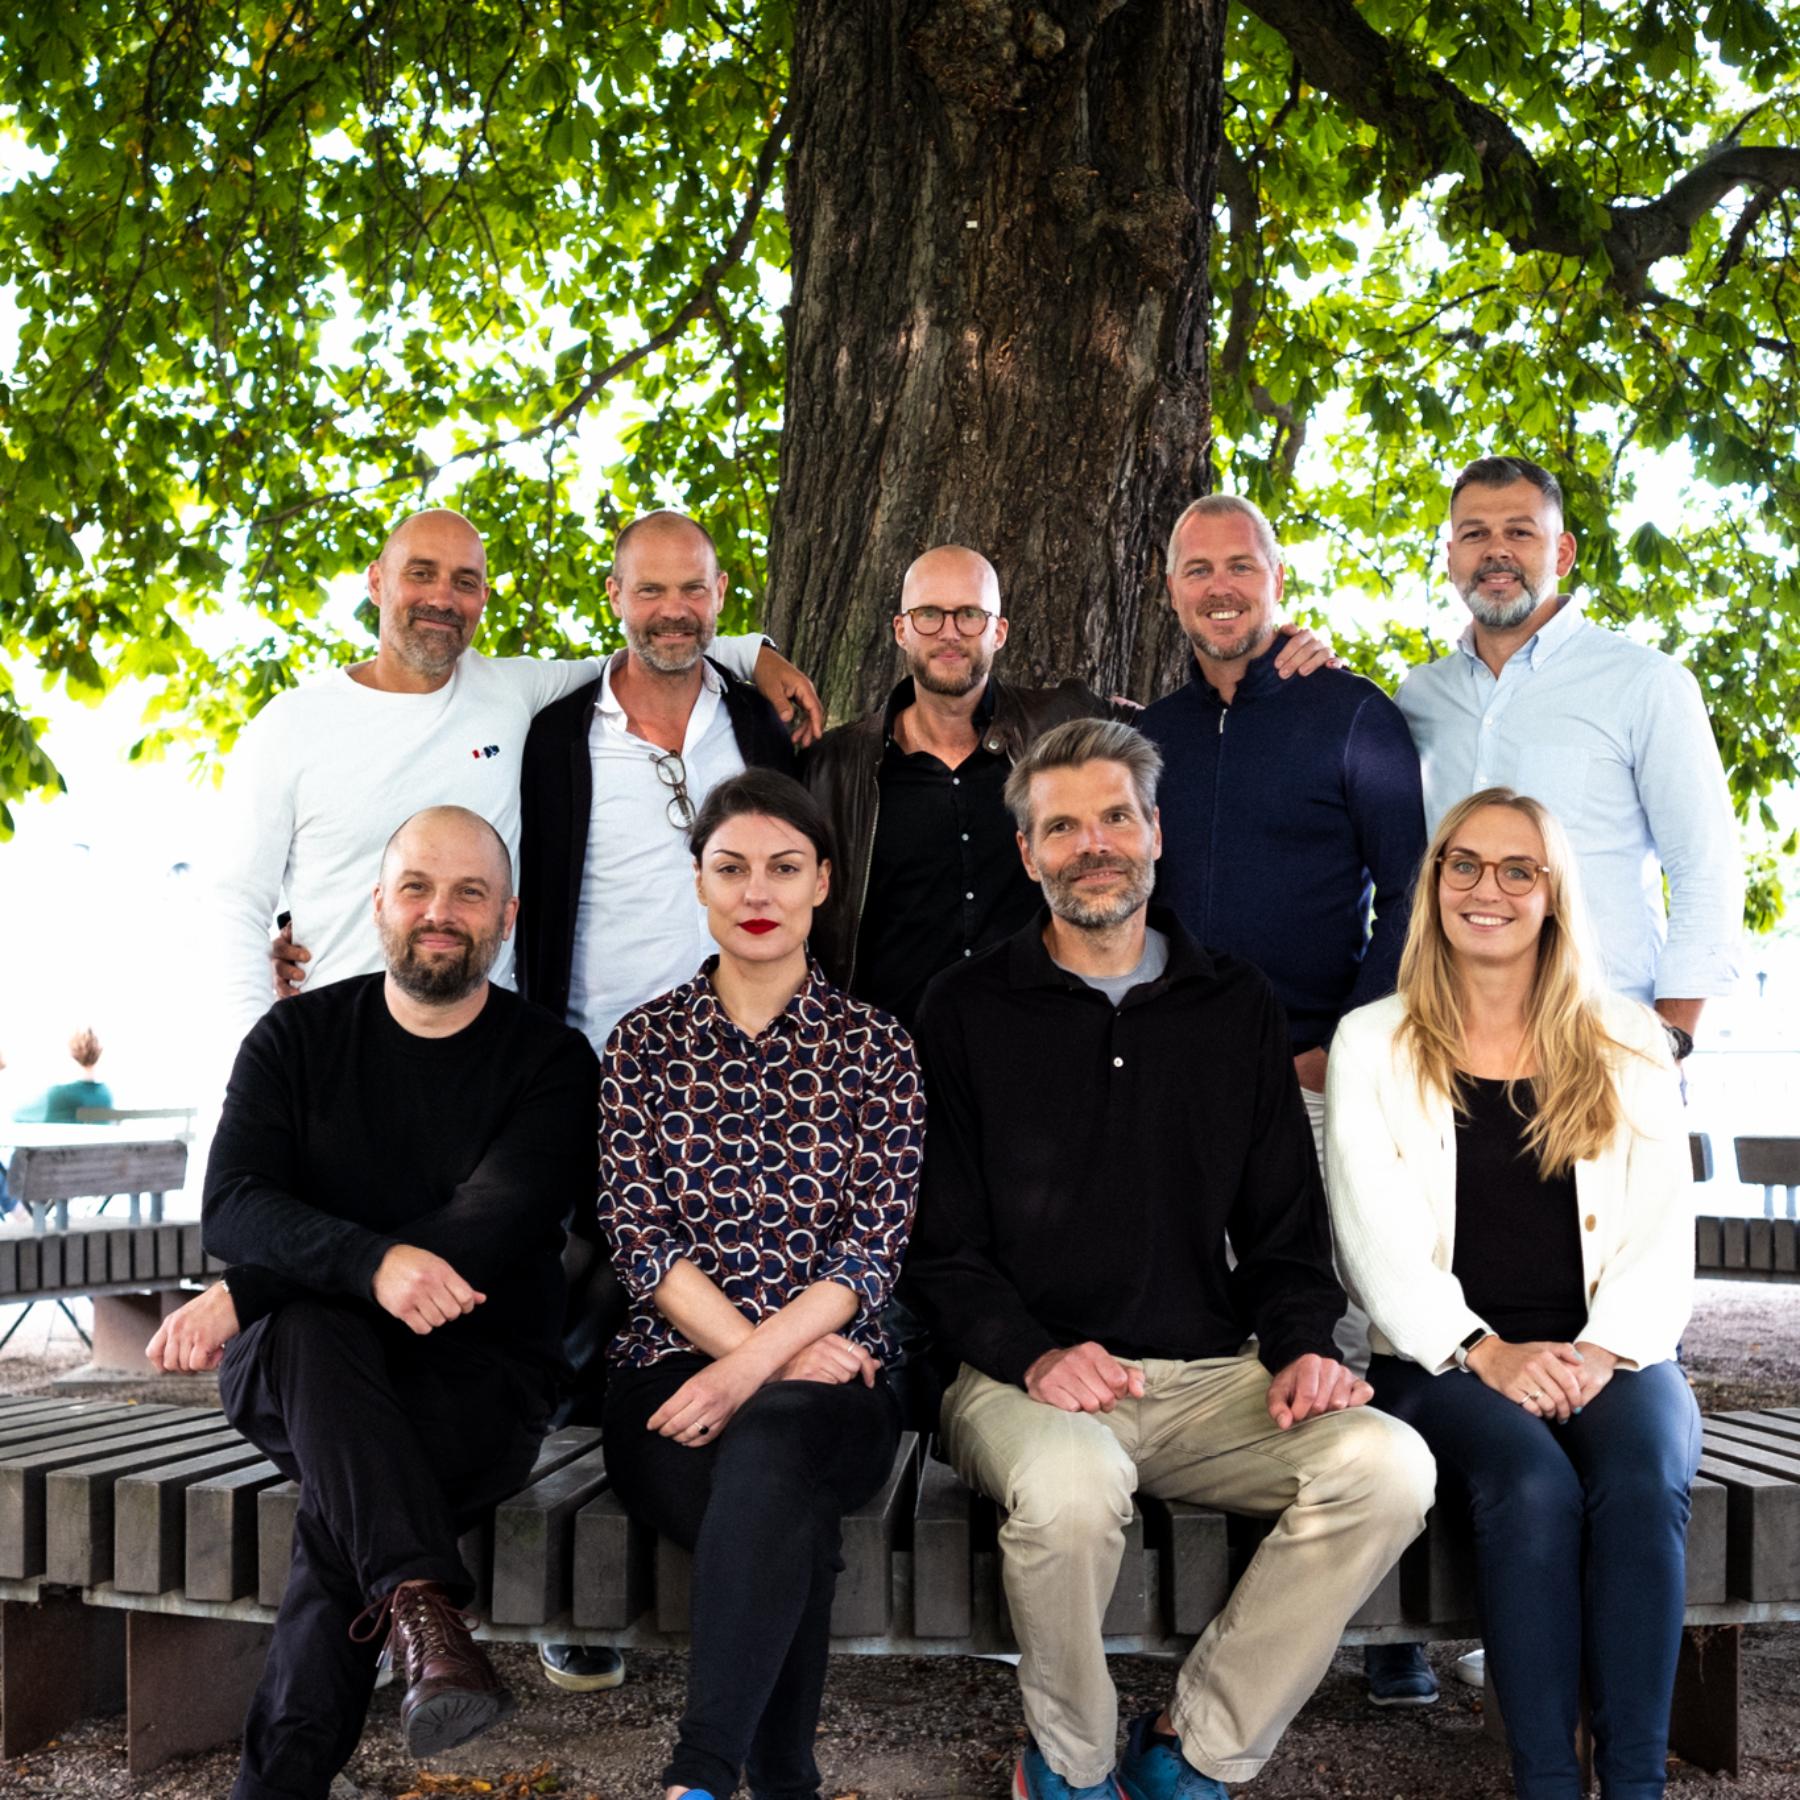 ARC-Arise-Consulting-Group-skapar-ny-utmanare-inom-digital-produkt-och-tjanstedesign.jpg